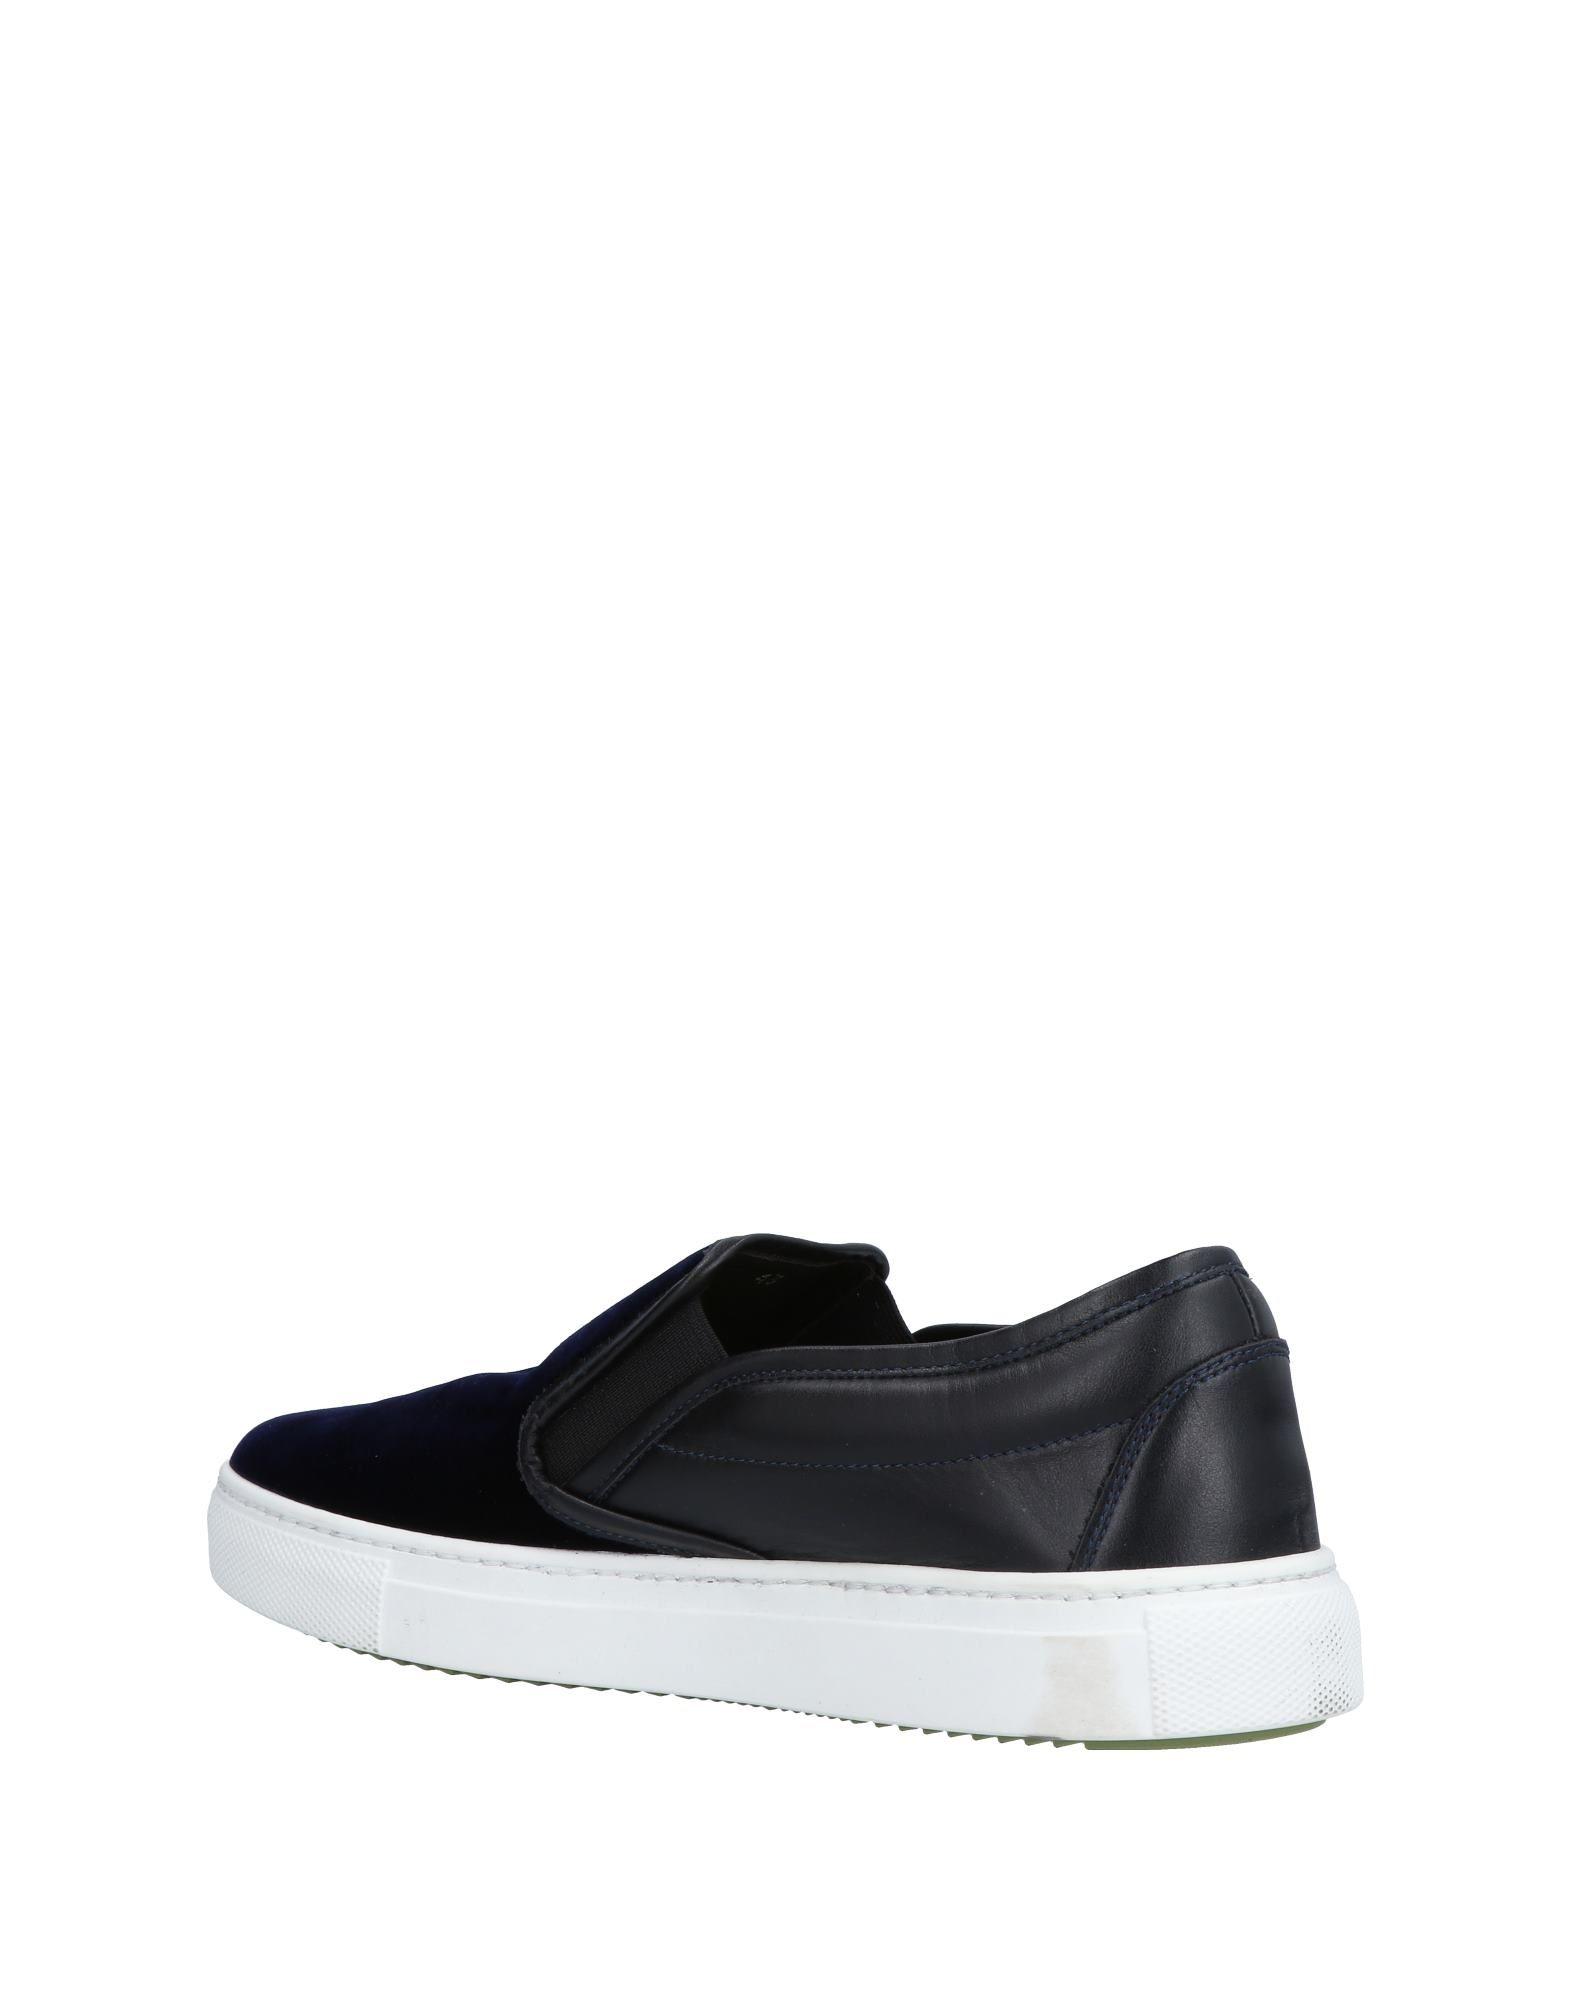 Rabatt echte Schuhe ( Verba ) Sneakers Herren  11484420AV